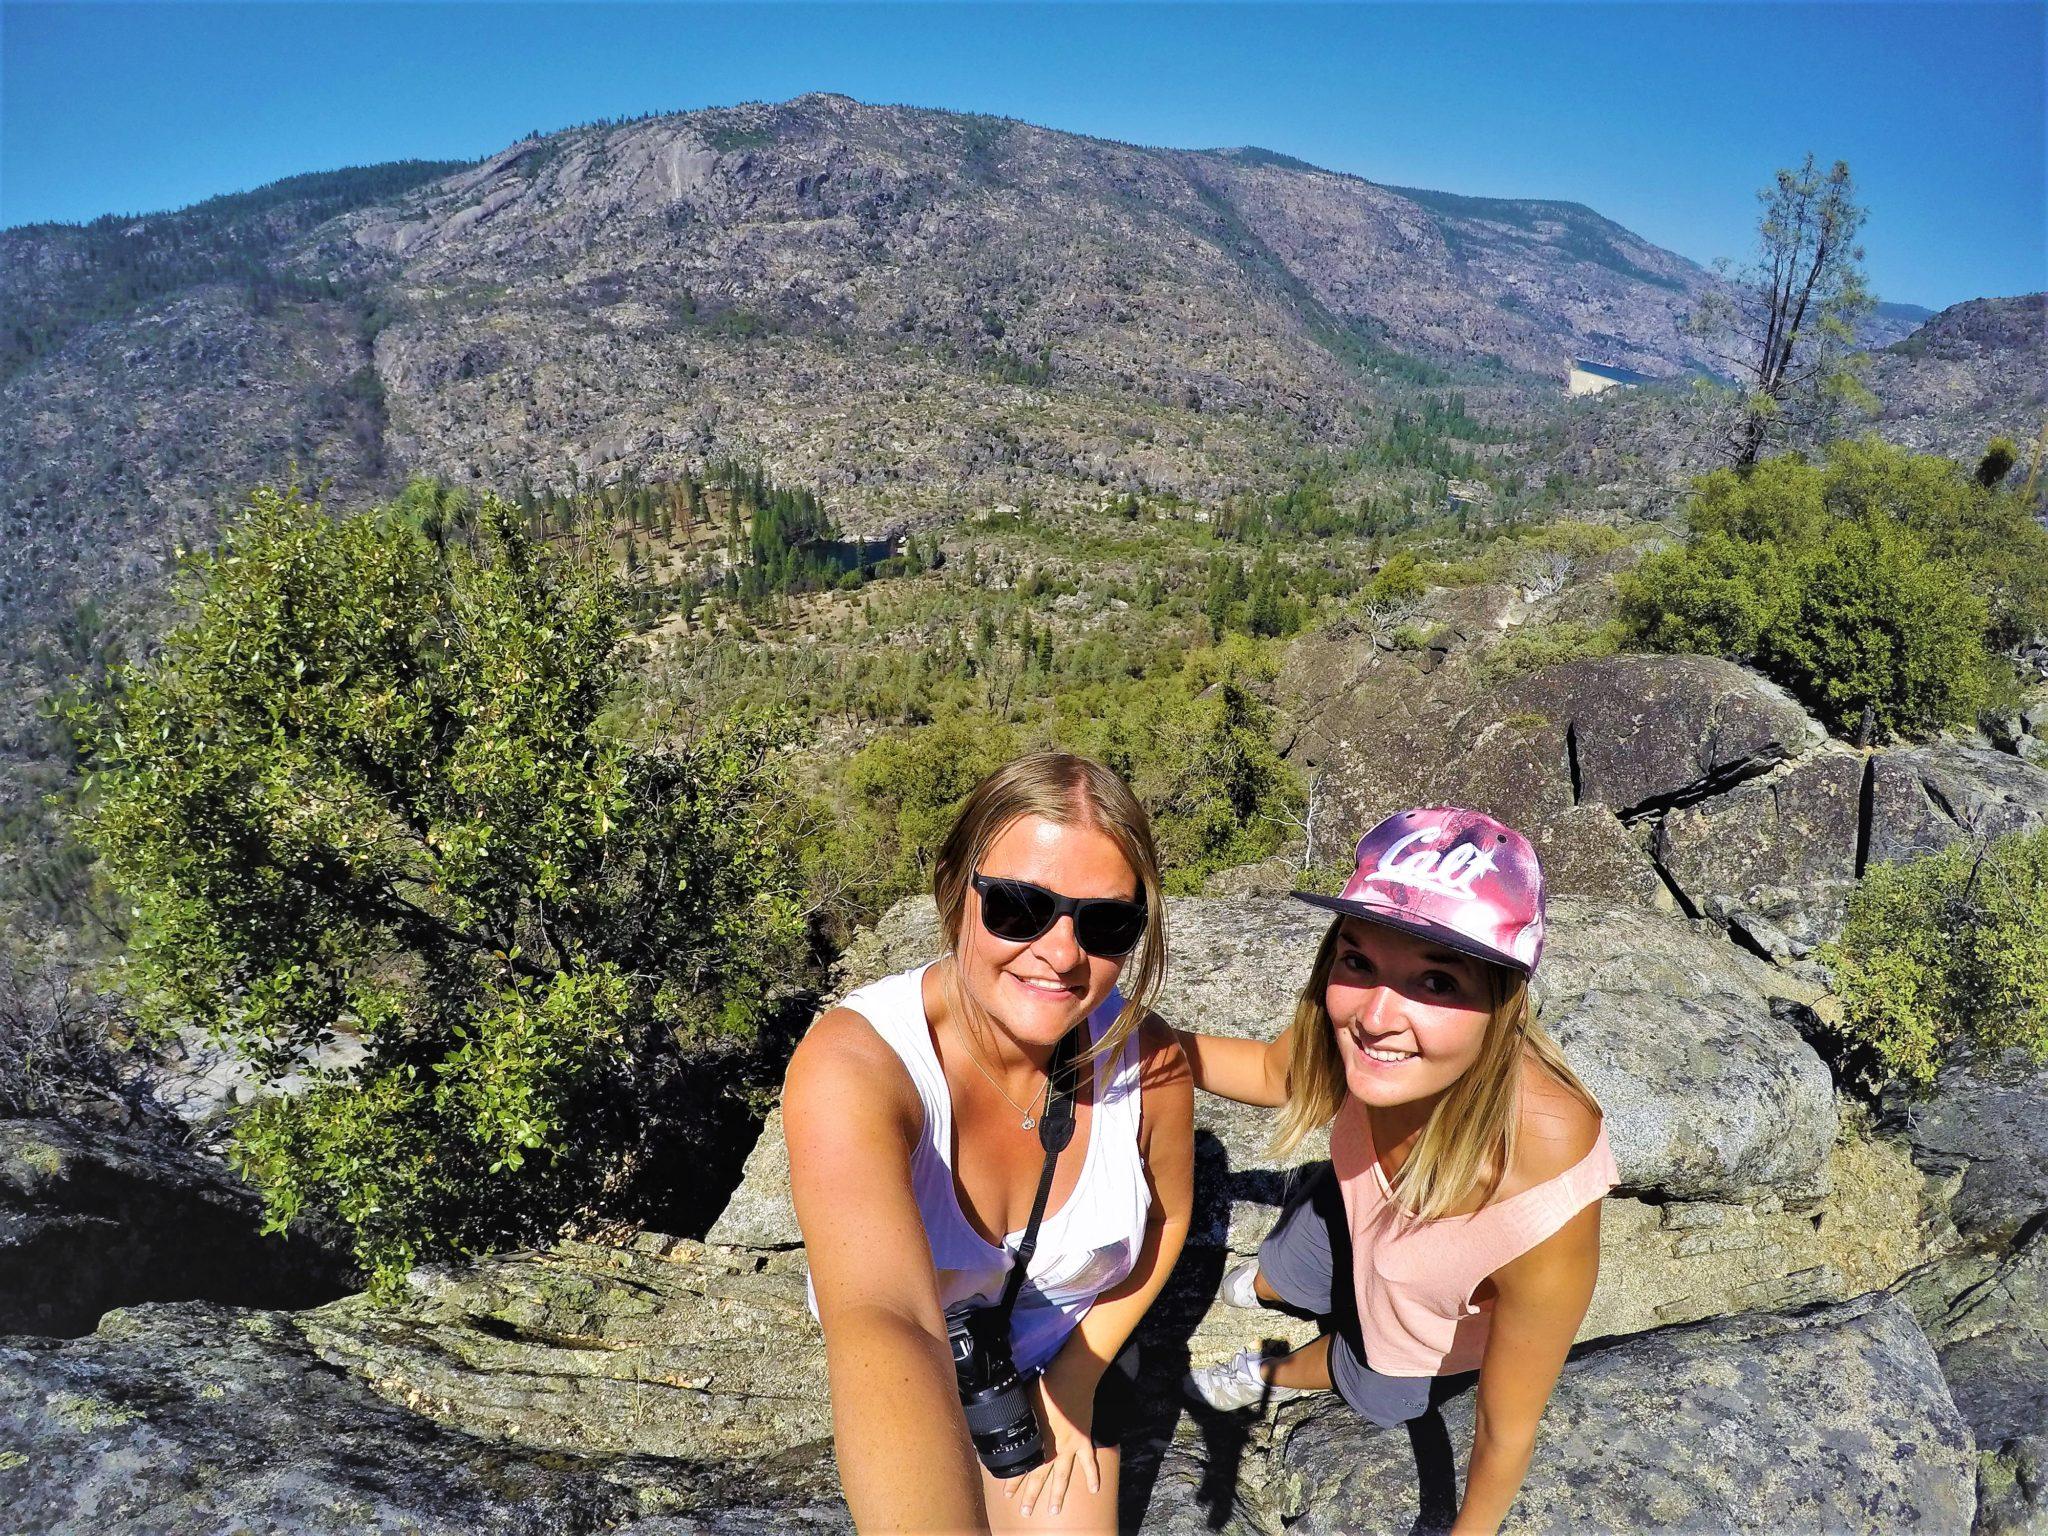 Selfie, Yosemite, California